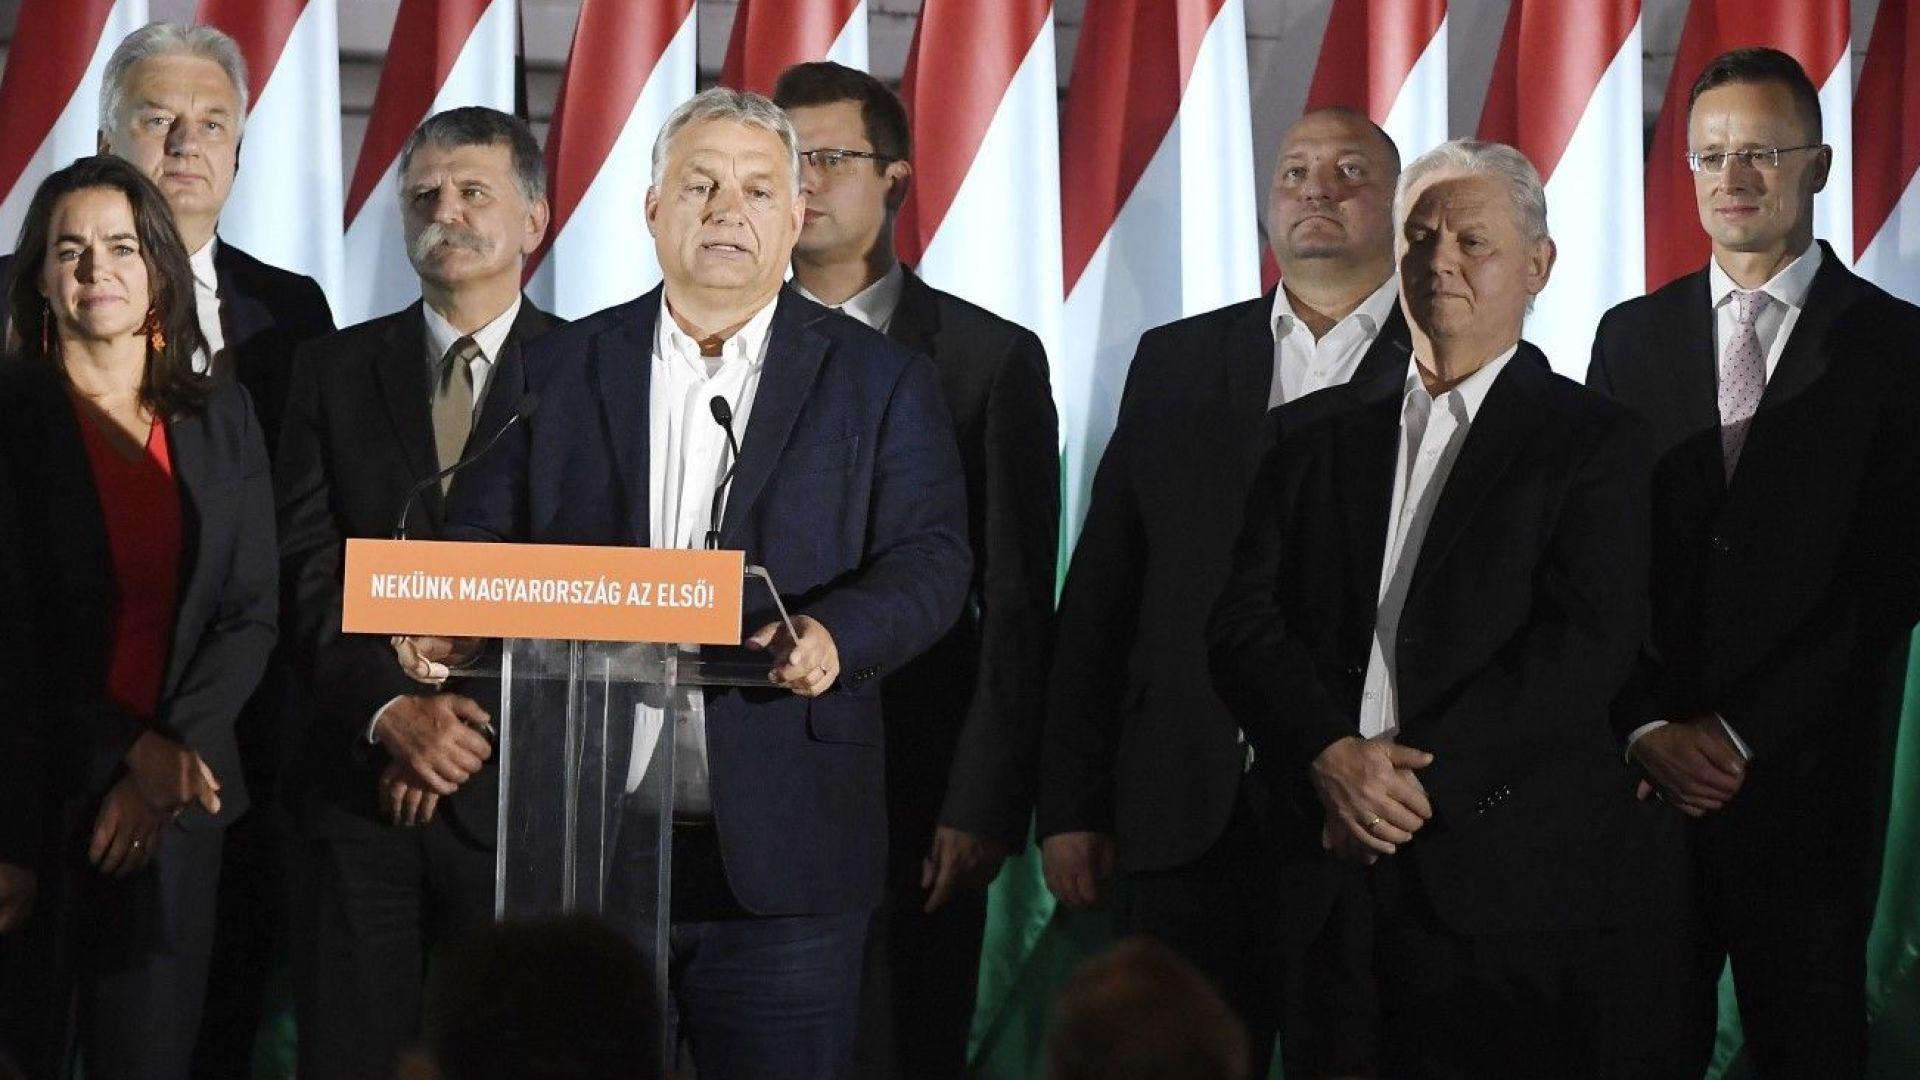 Опозицията нанесе силен удар по Виктор Орбан, като спечели в много от големите градове